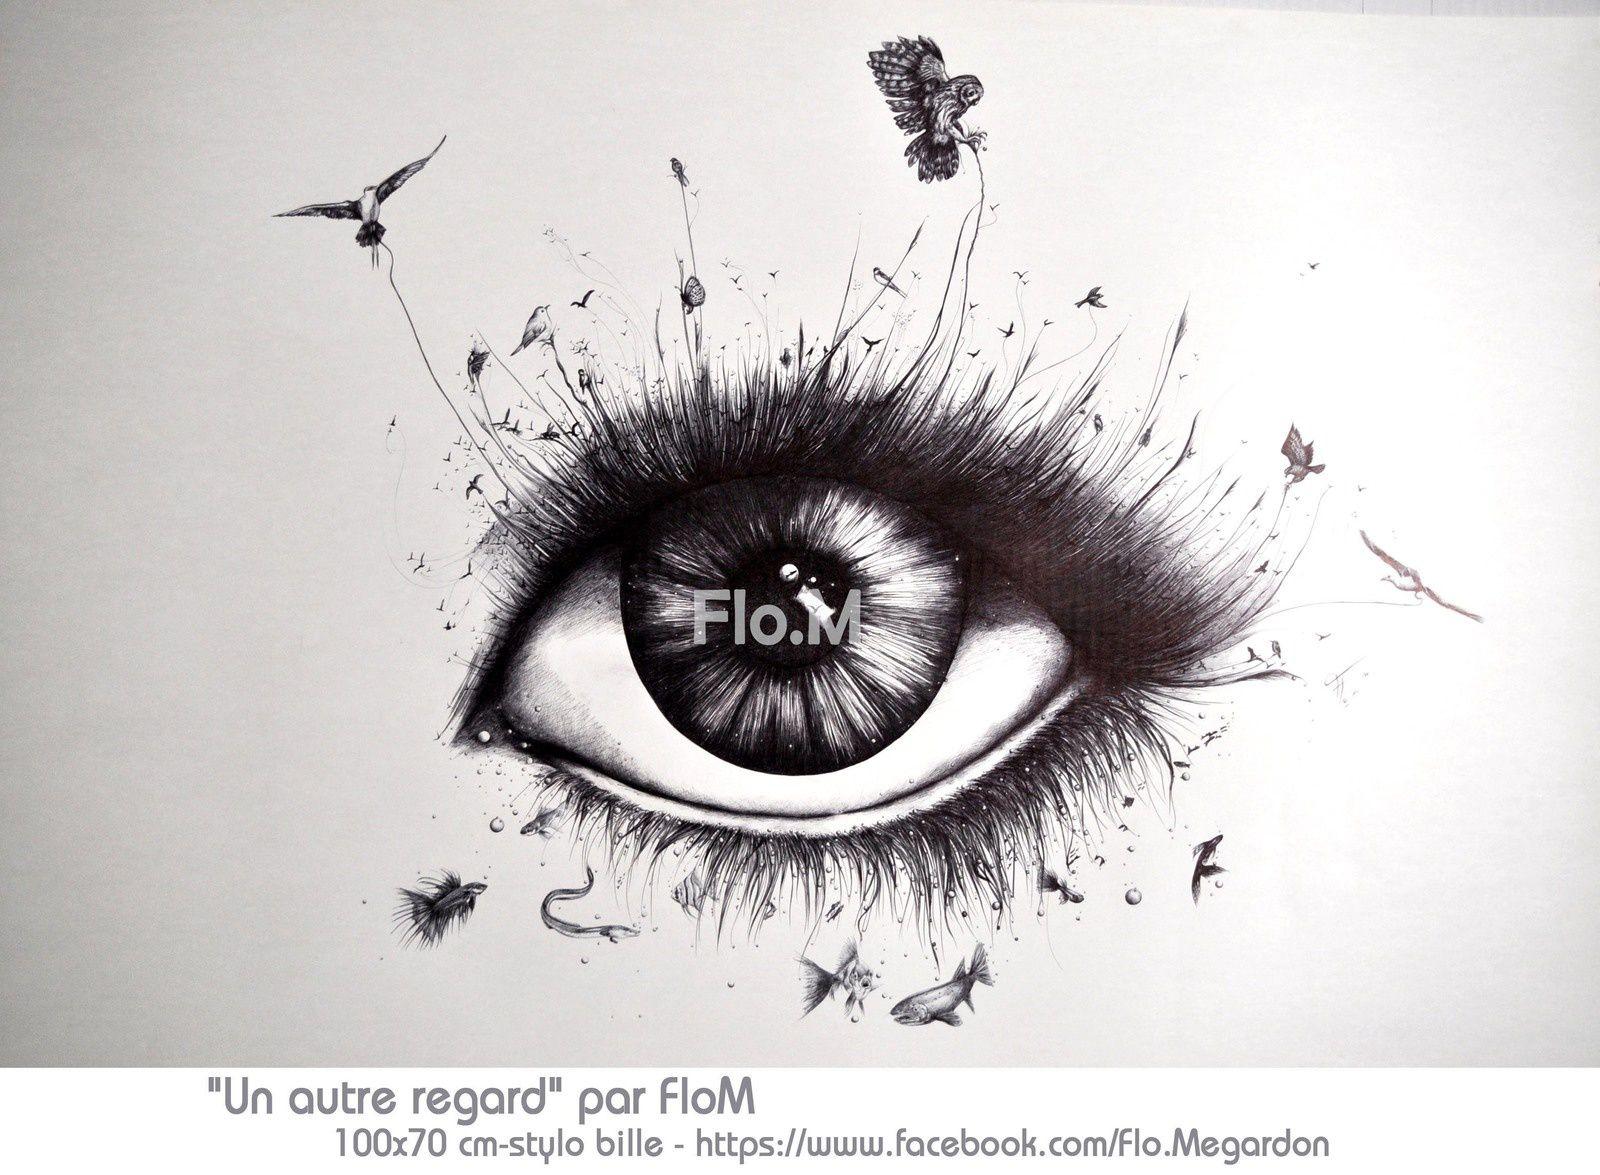 Posters des dessins au stylo bille de Flo.M. Pour commander, contactez: flo.plasticienne@gmail.com